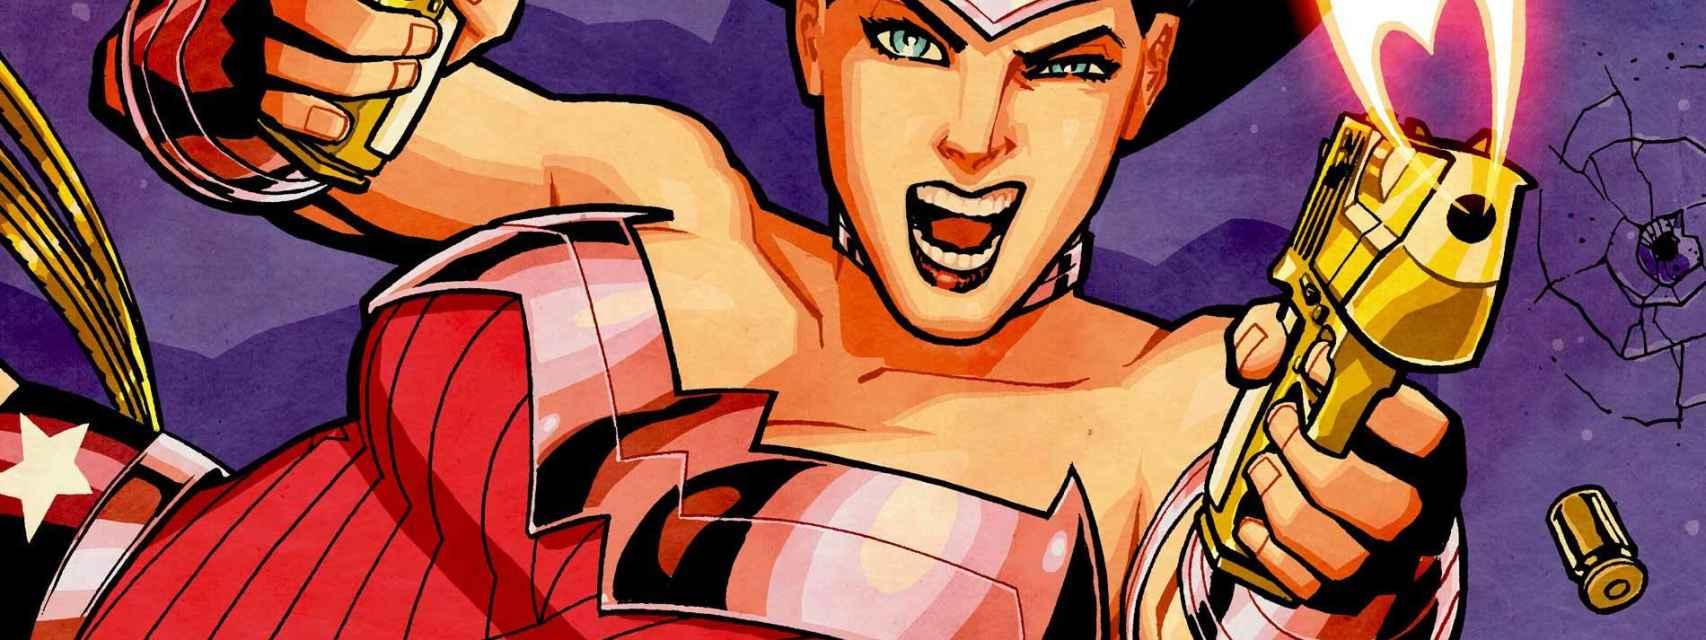 Una imagen de Wonder Woman en su lucha contra los males que amenazan la estabilidad social.